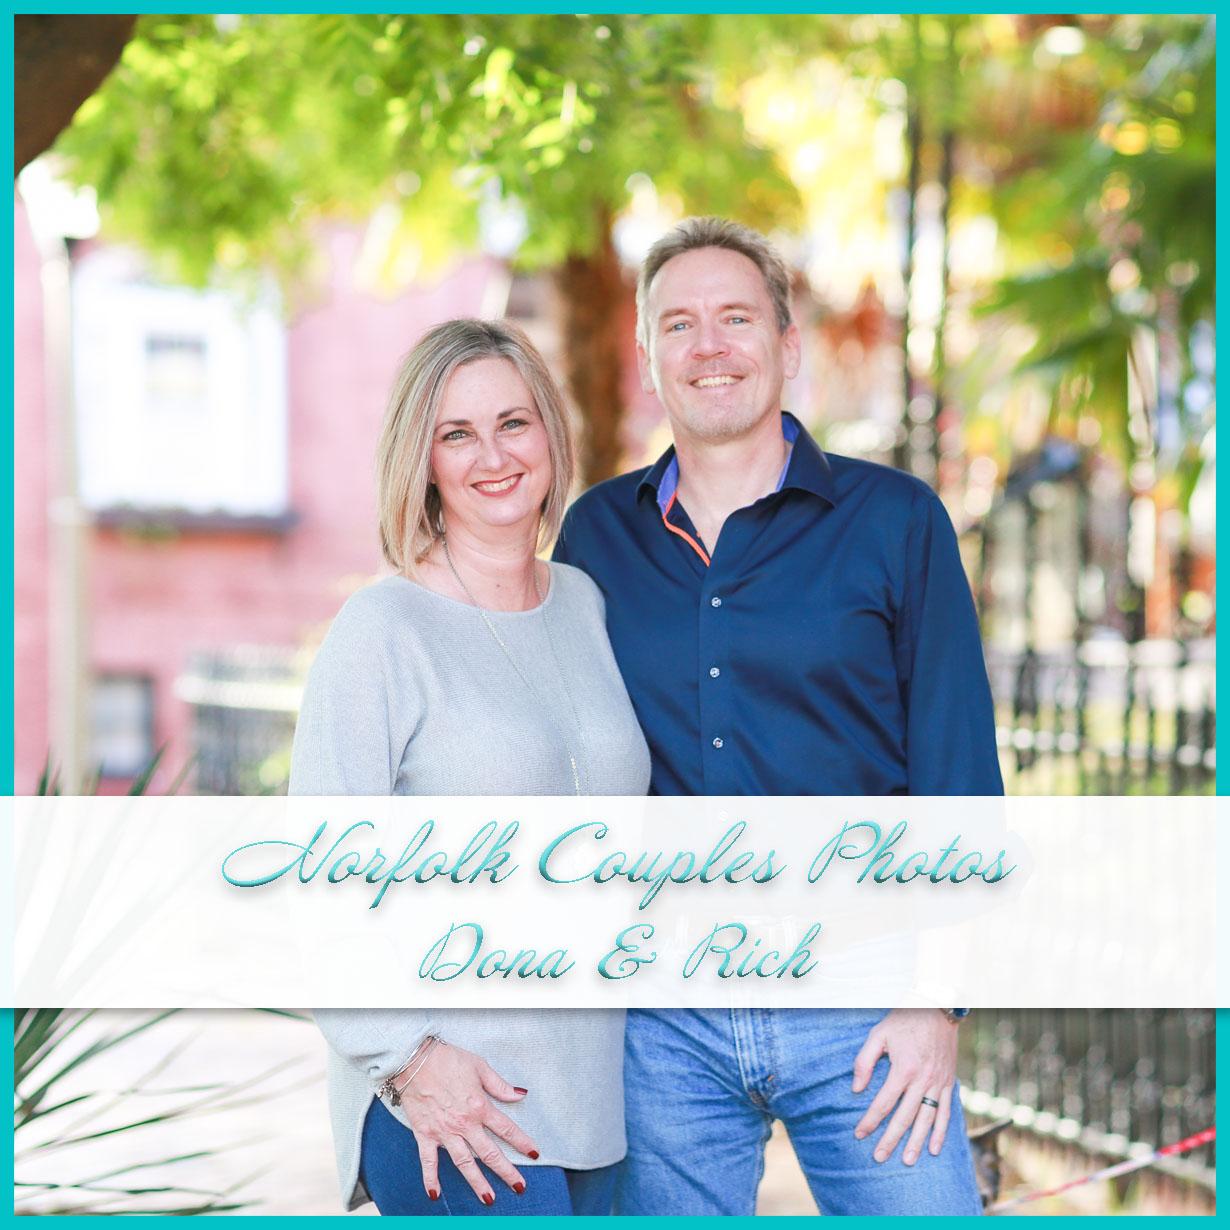 Norfolk Couples Photos